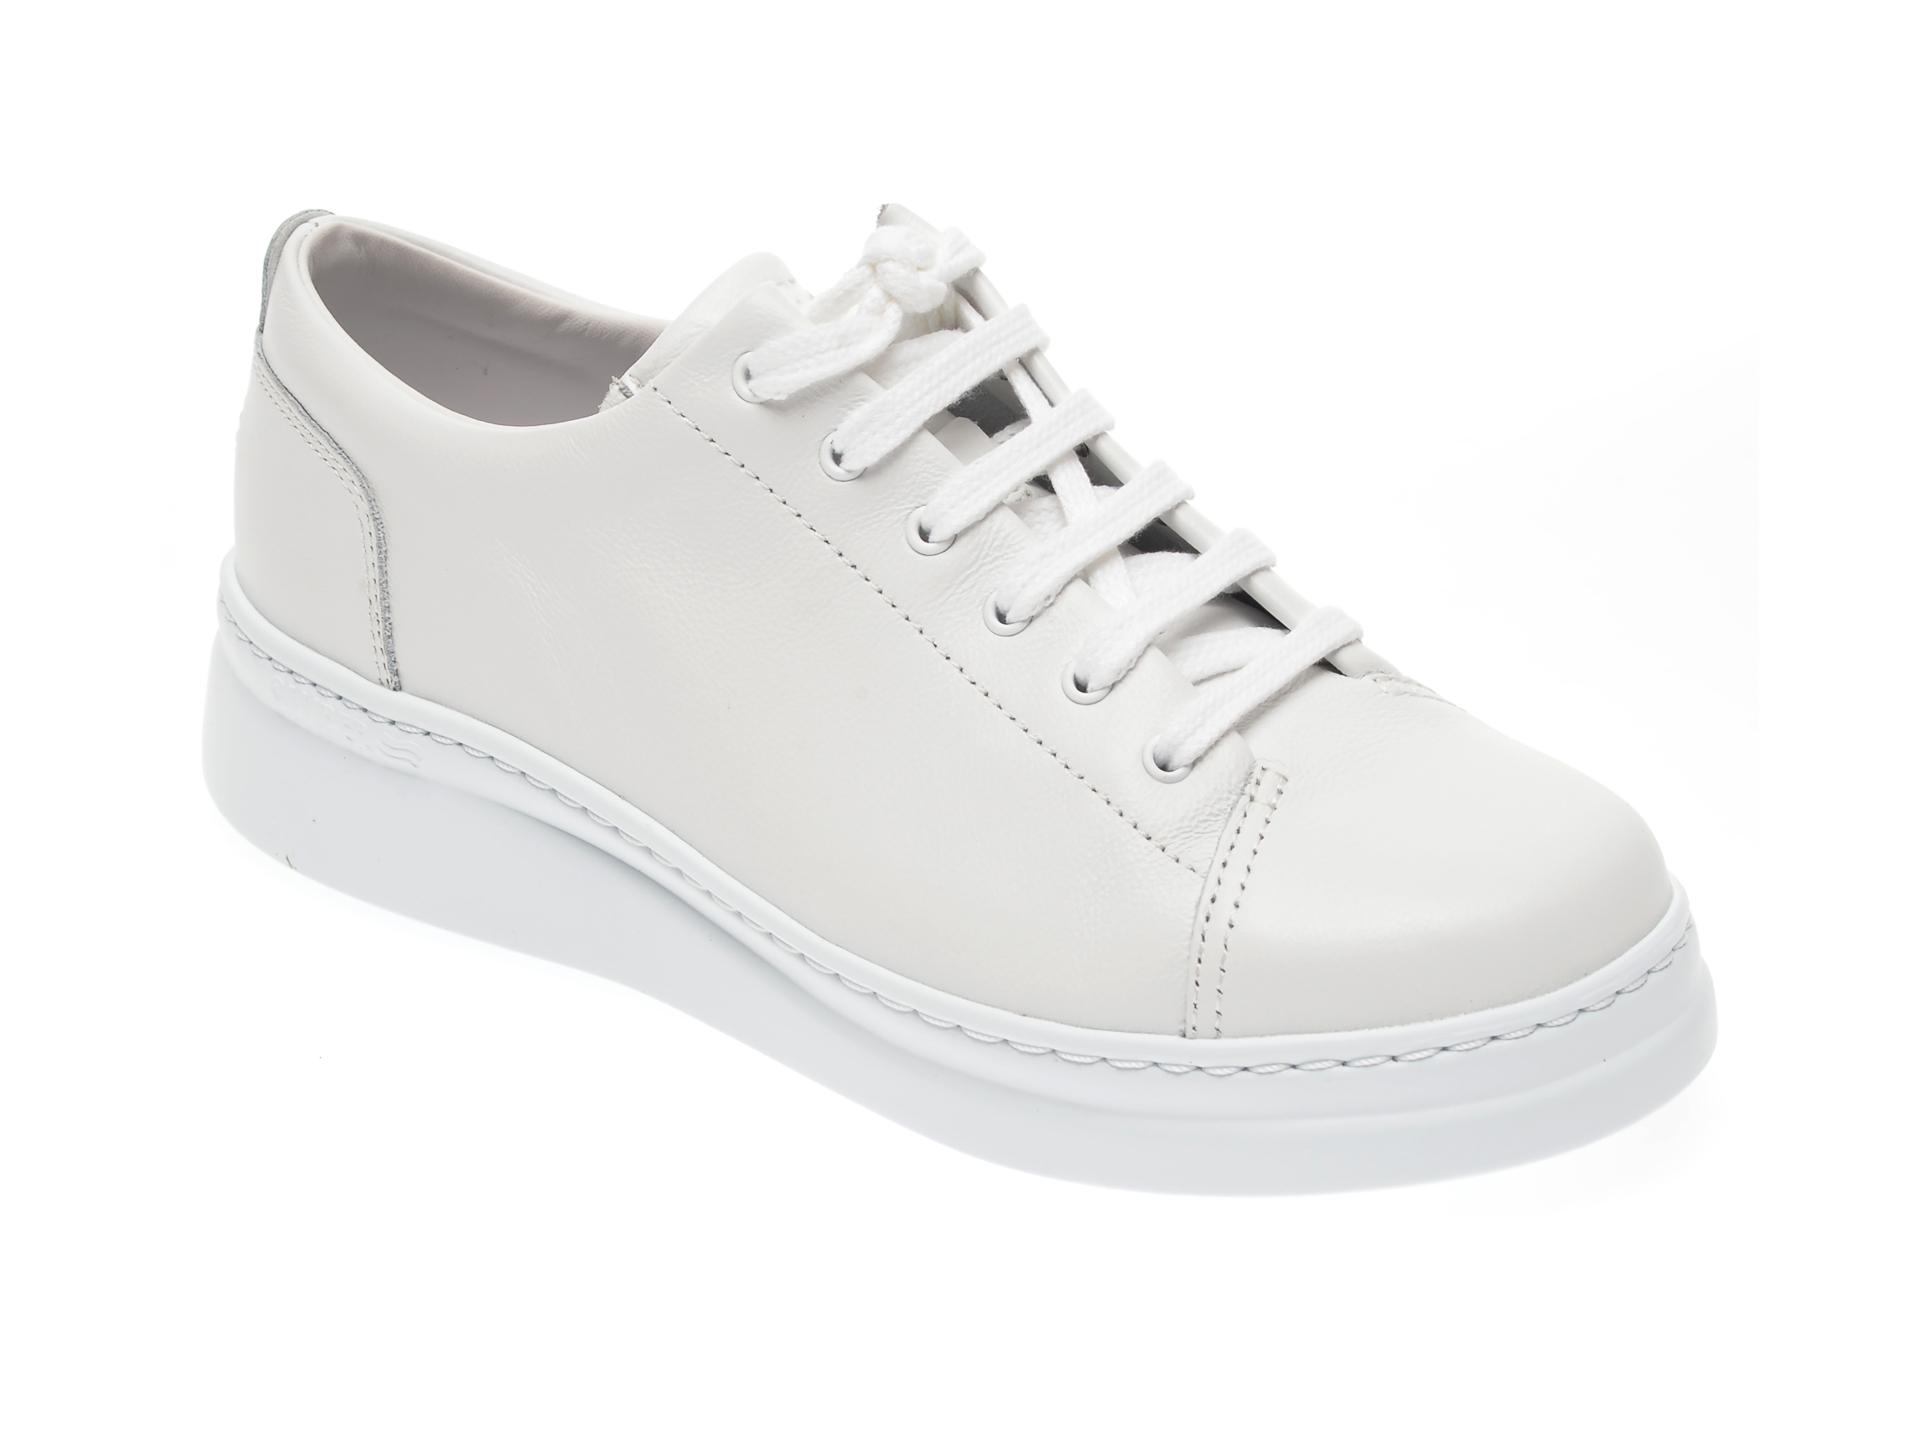 Pantofi CAMPER albi, K200508, din piele naturala imagine